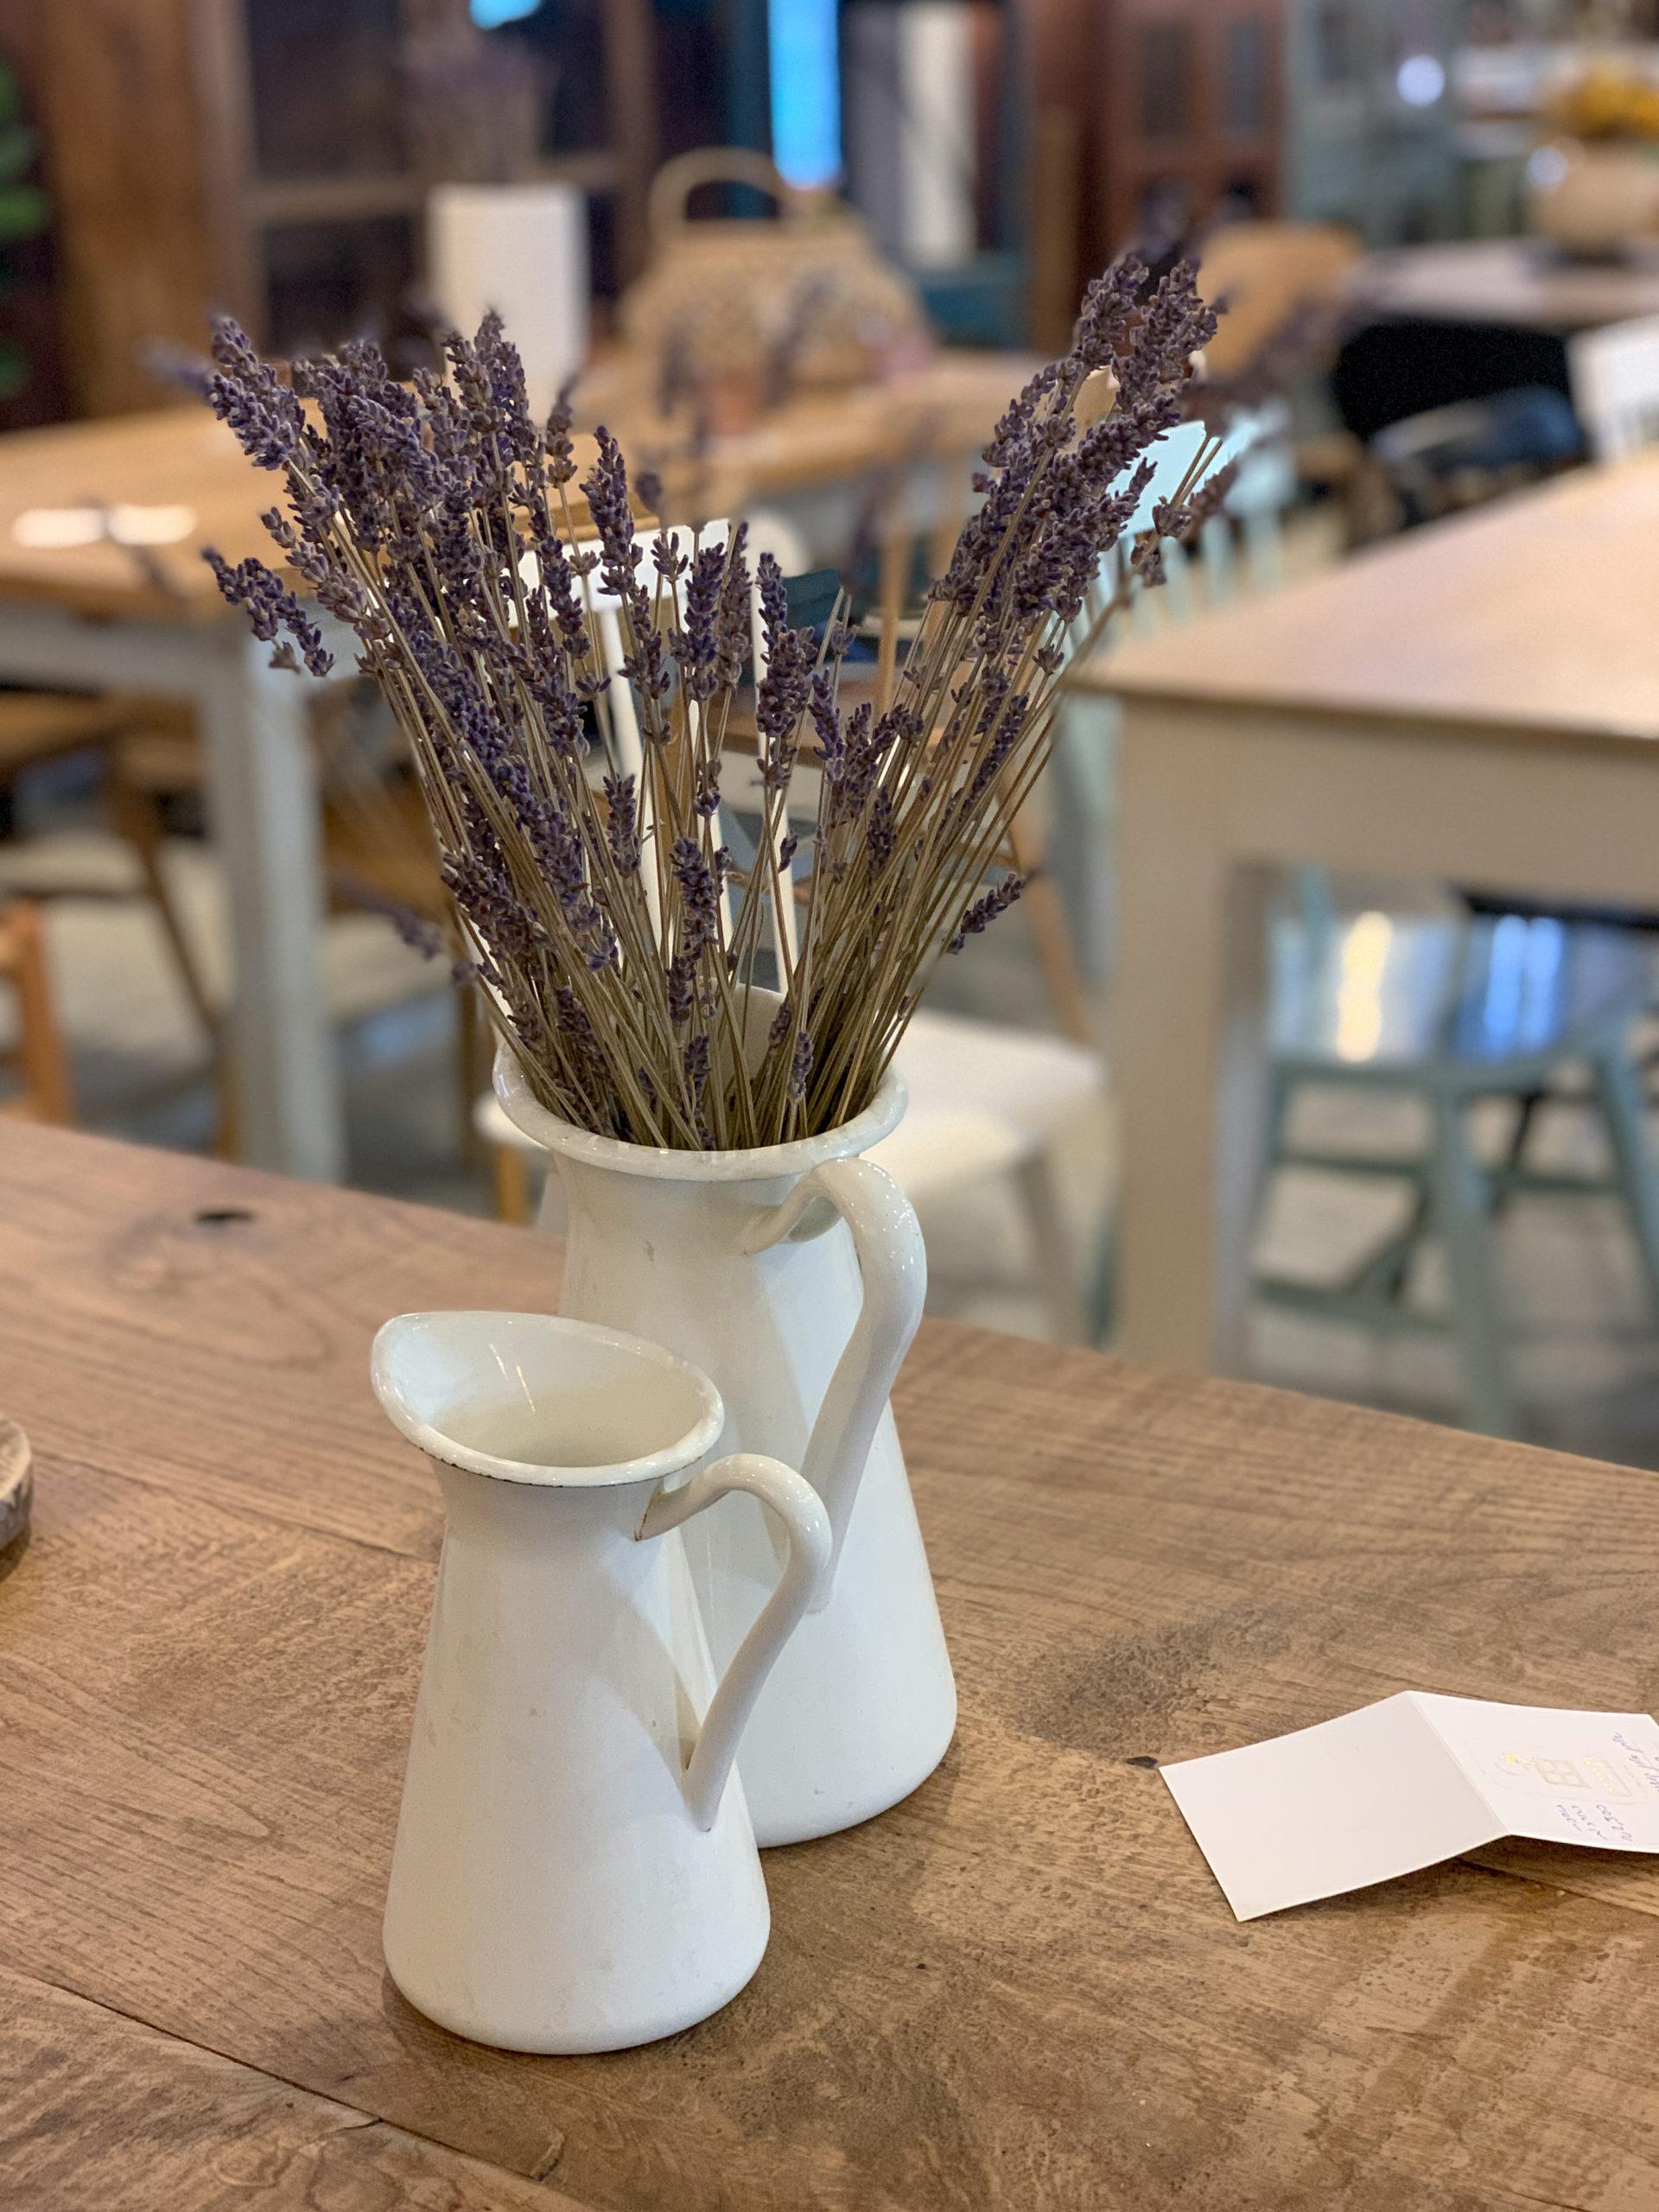 אגרטל עם פרחי לבנדר סגולים על שולחן עץ יפה בחנות הרהיטים תומיק באבן יהודה